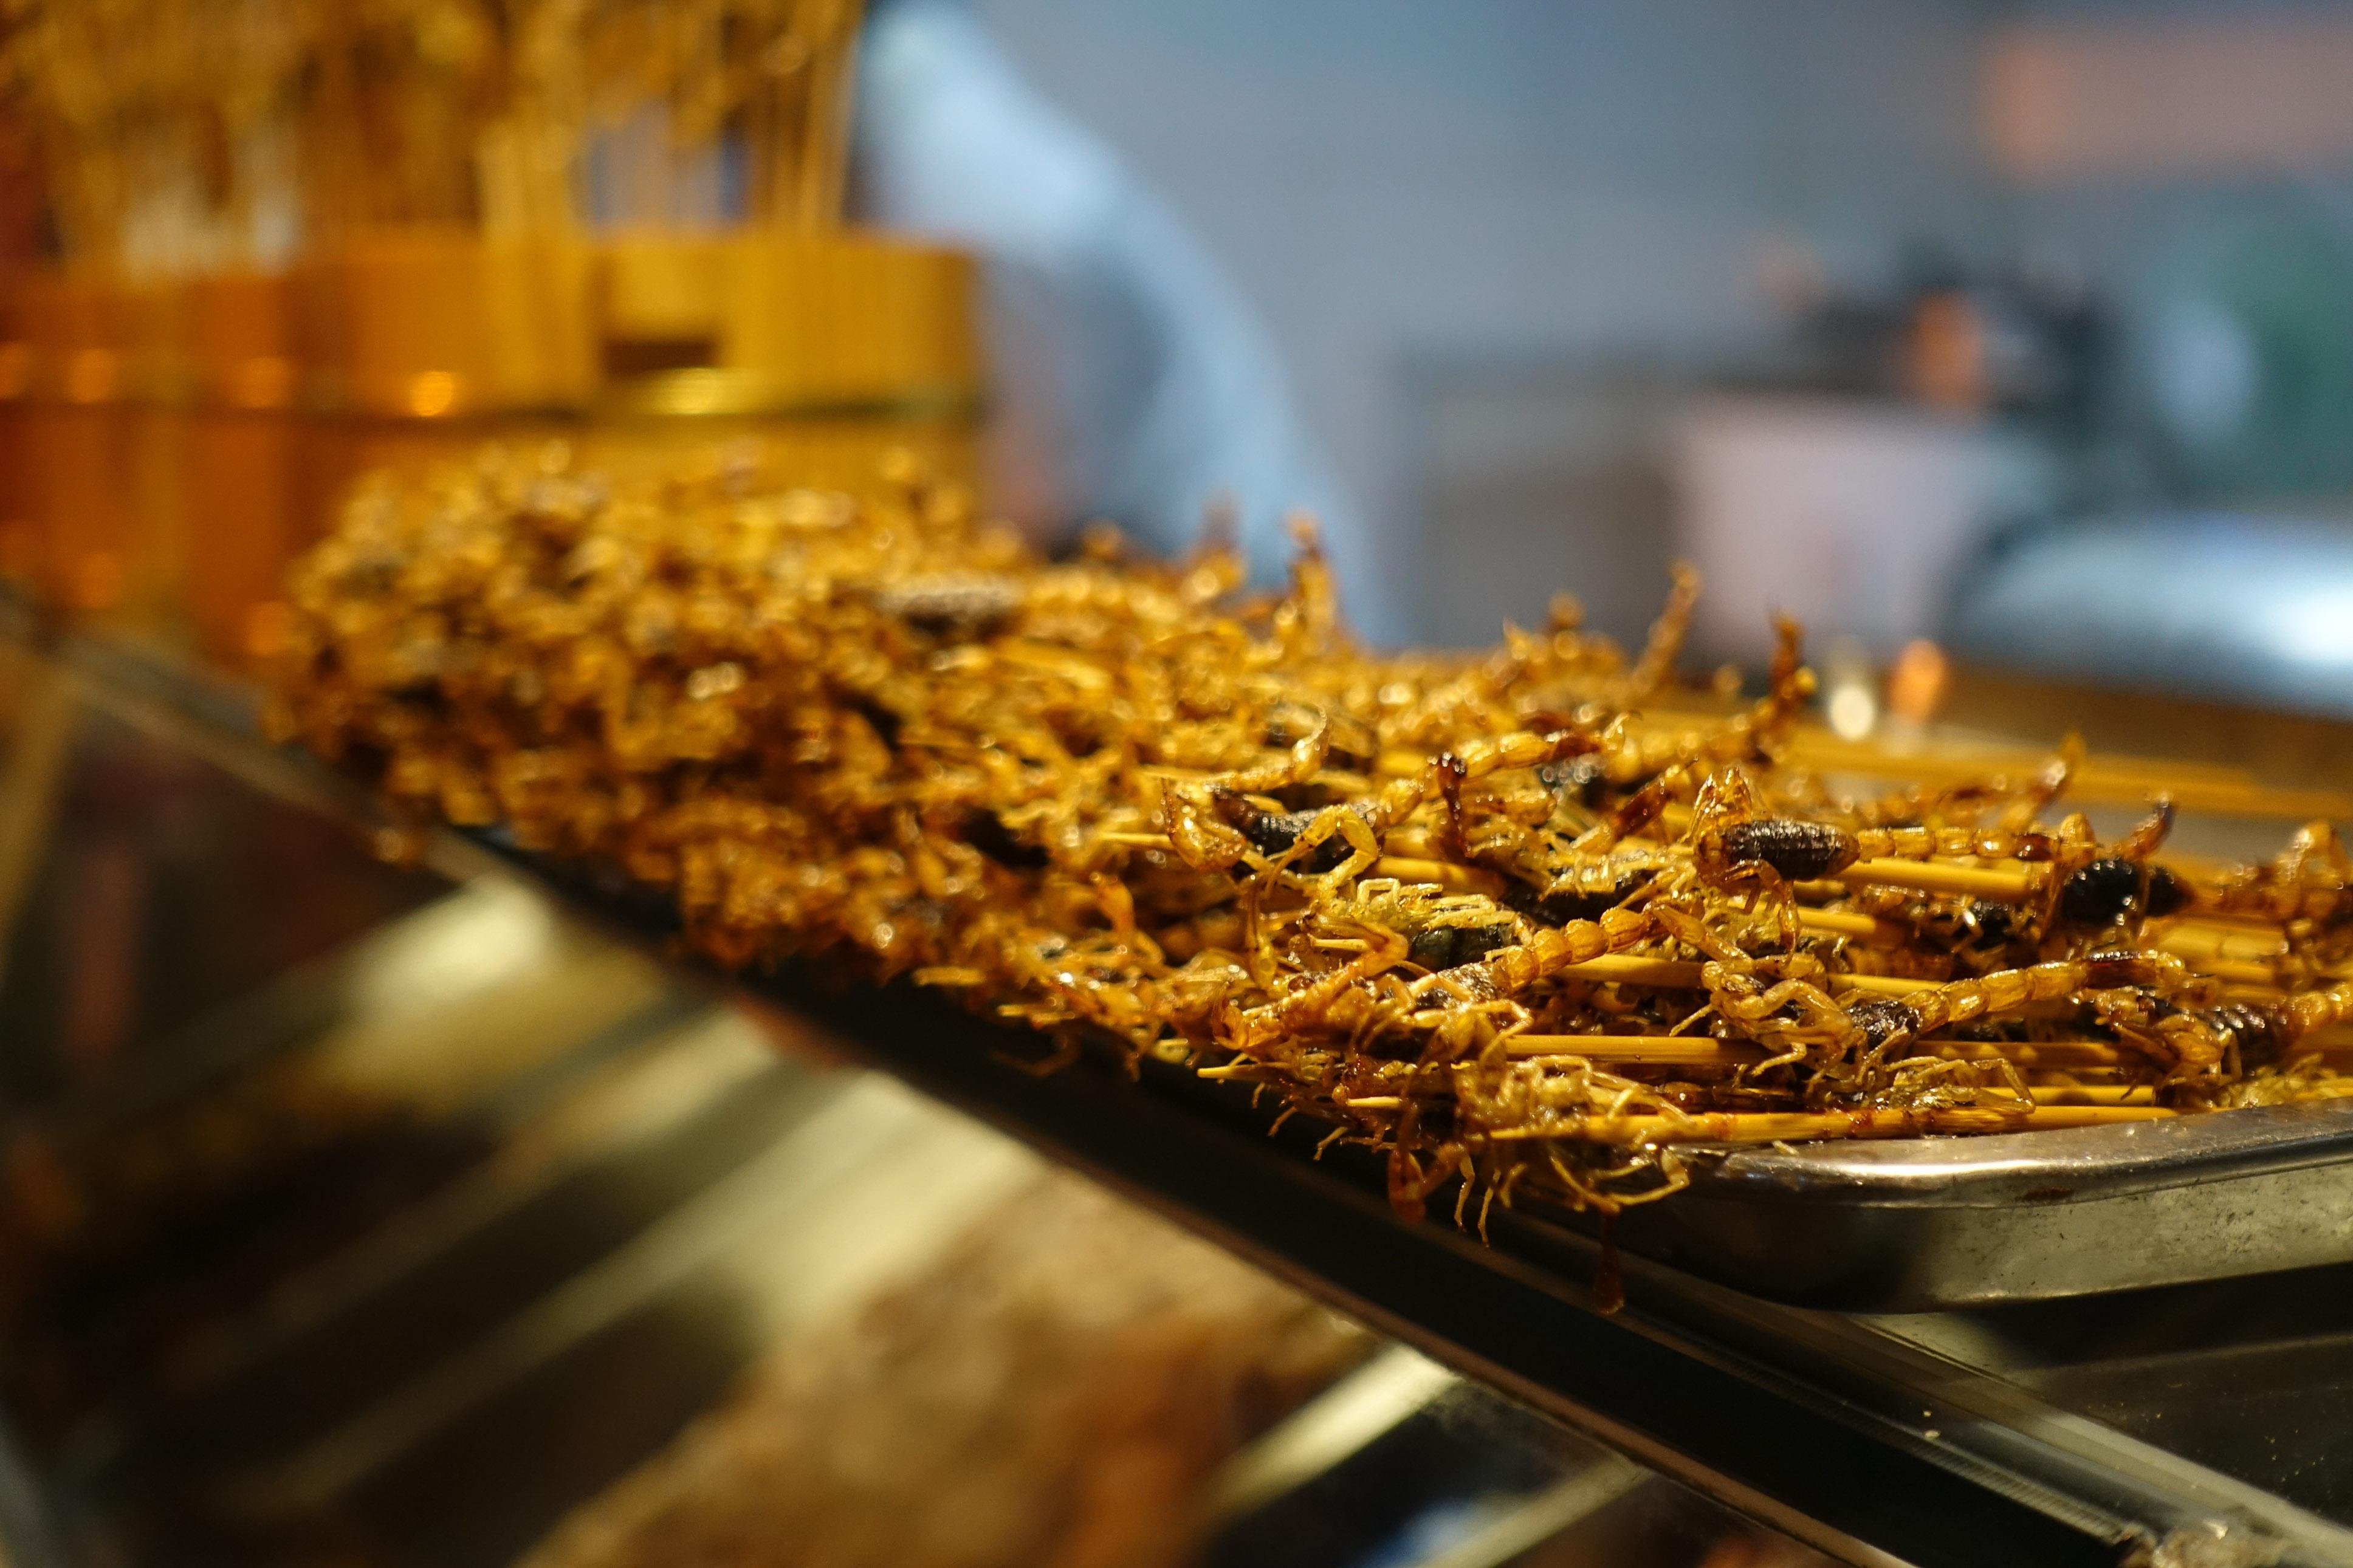 Fried scorpions in the Wangfujing snack street